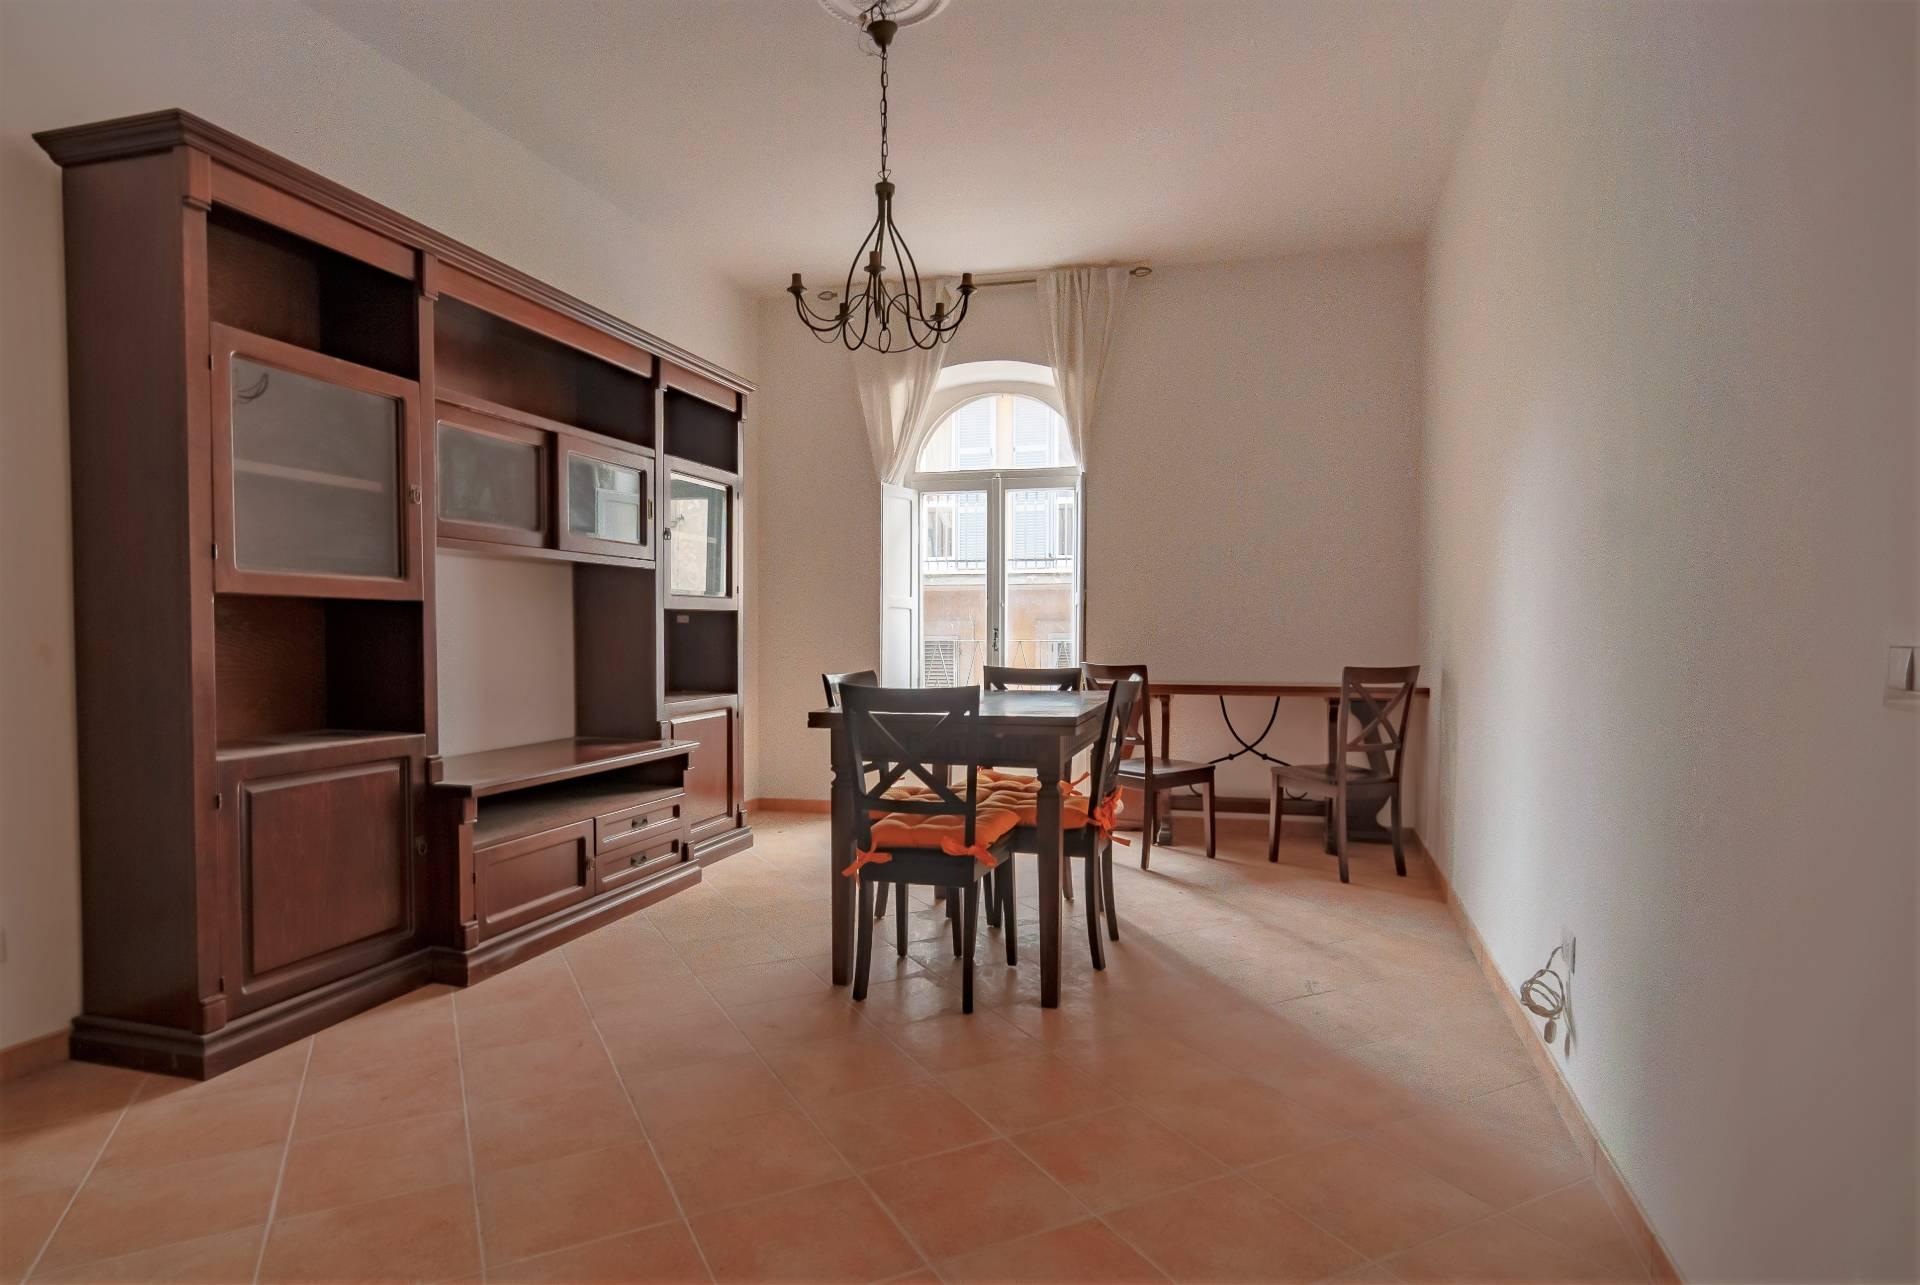 Appartamento in vendita a Viterbo, 3 locali, zona Zona: Centro, prezzo € 75.000 | CambioCasa.it